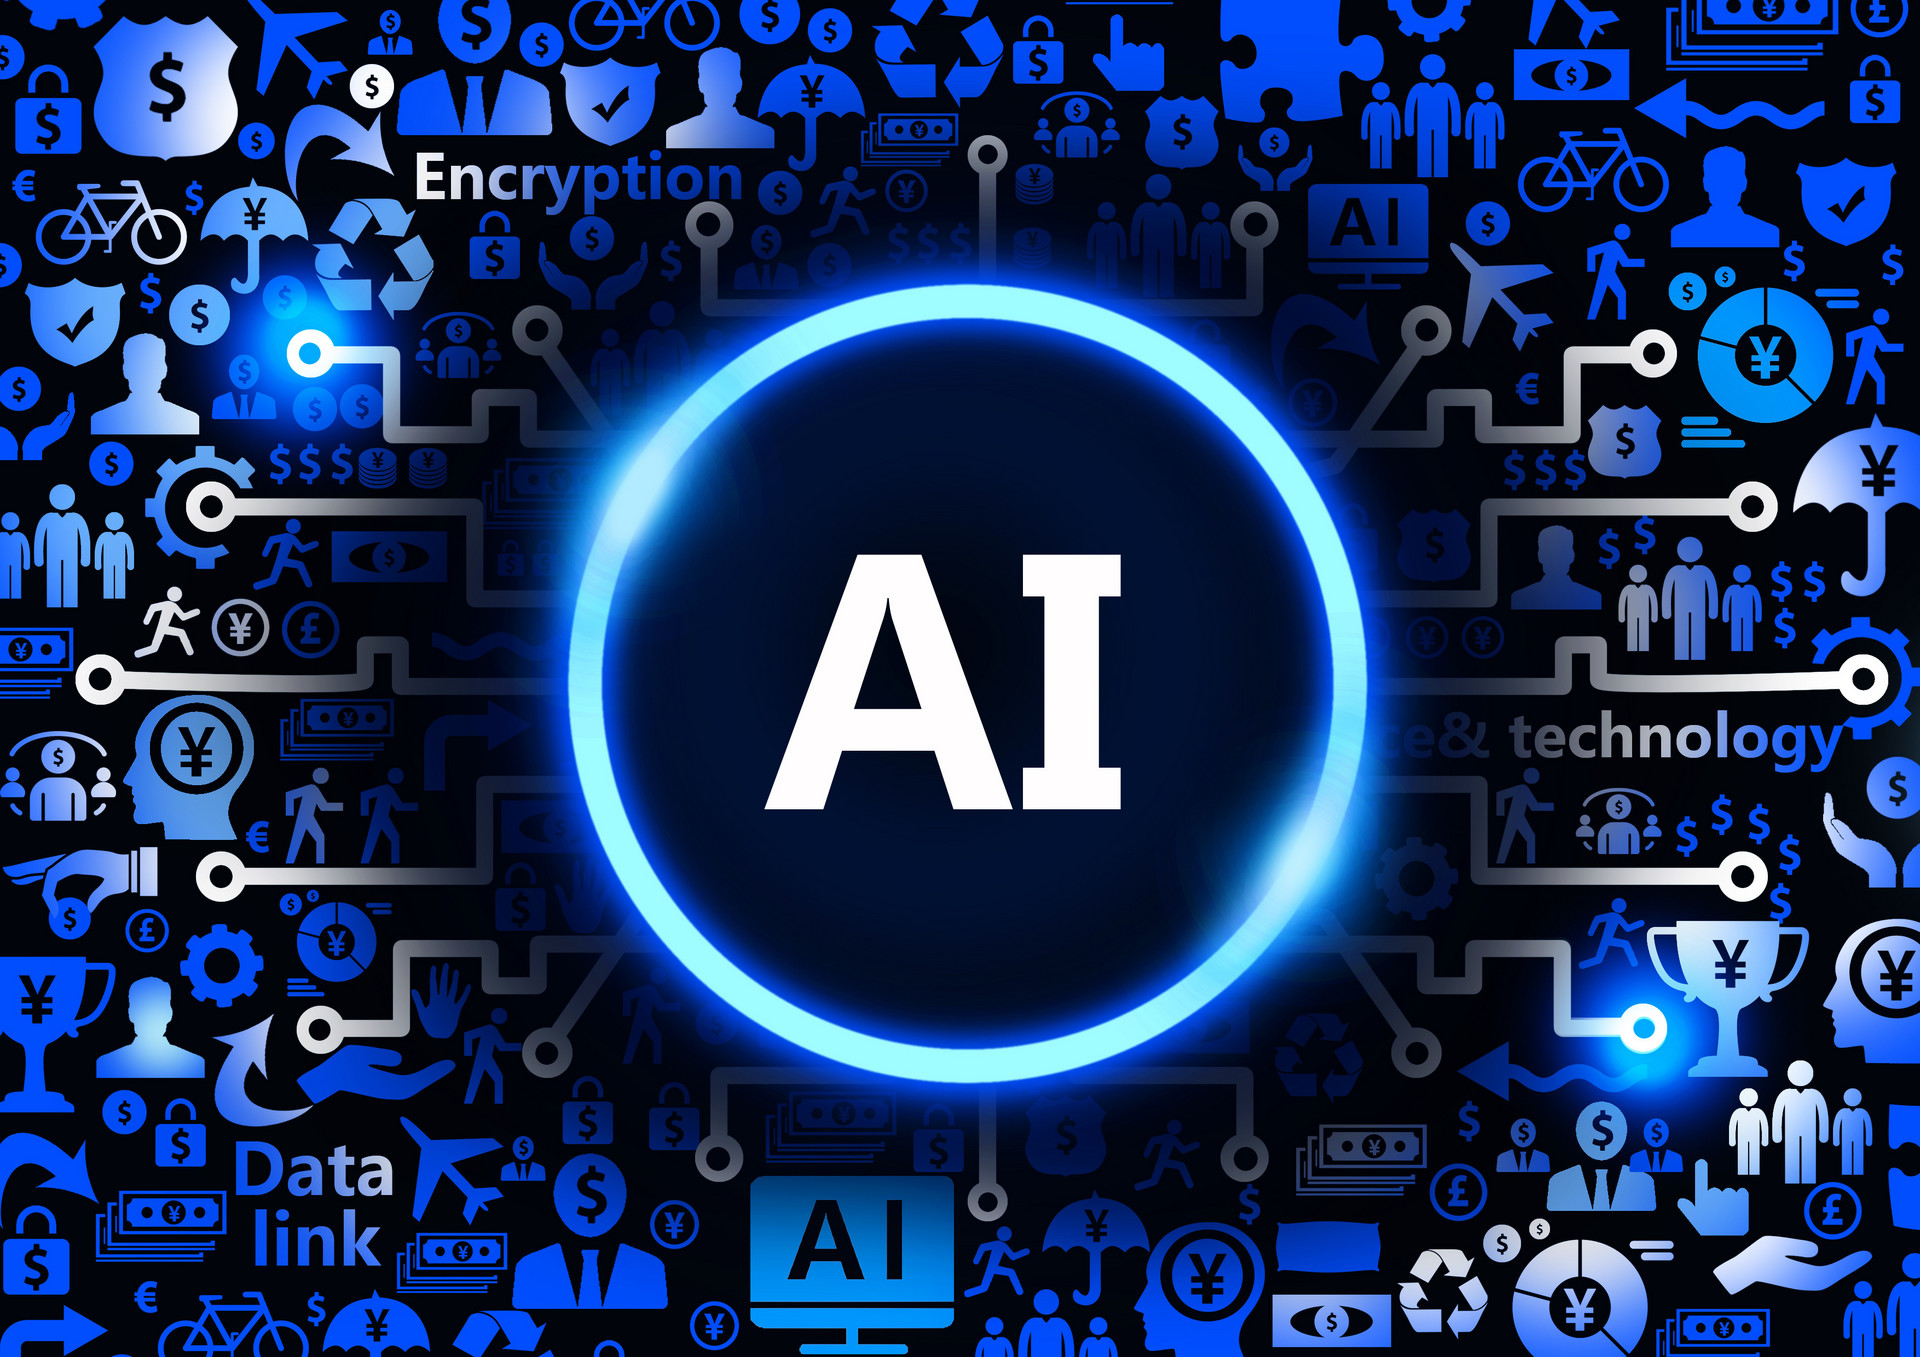 工信部第三批行业标准制修订项目计划 AI、5G在列